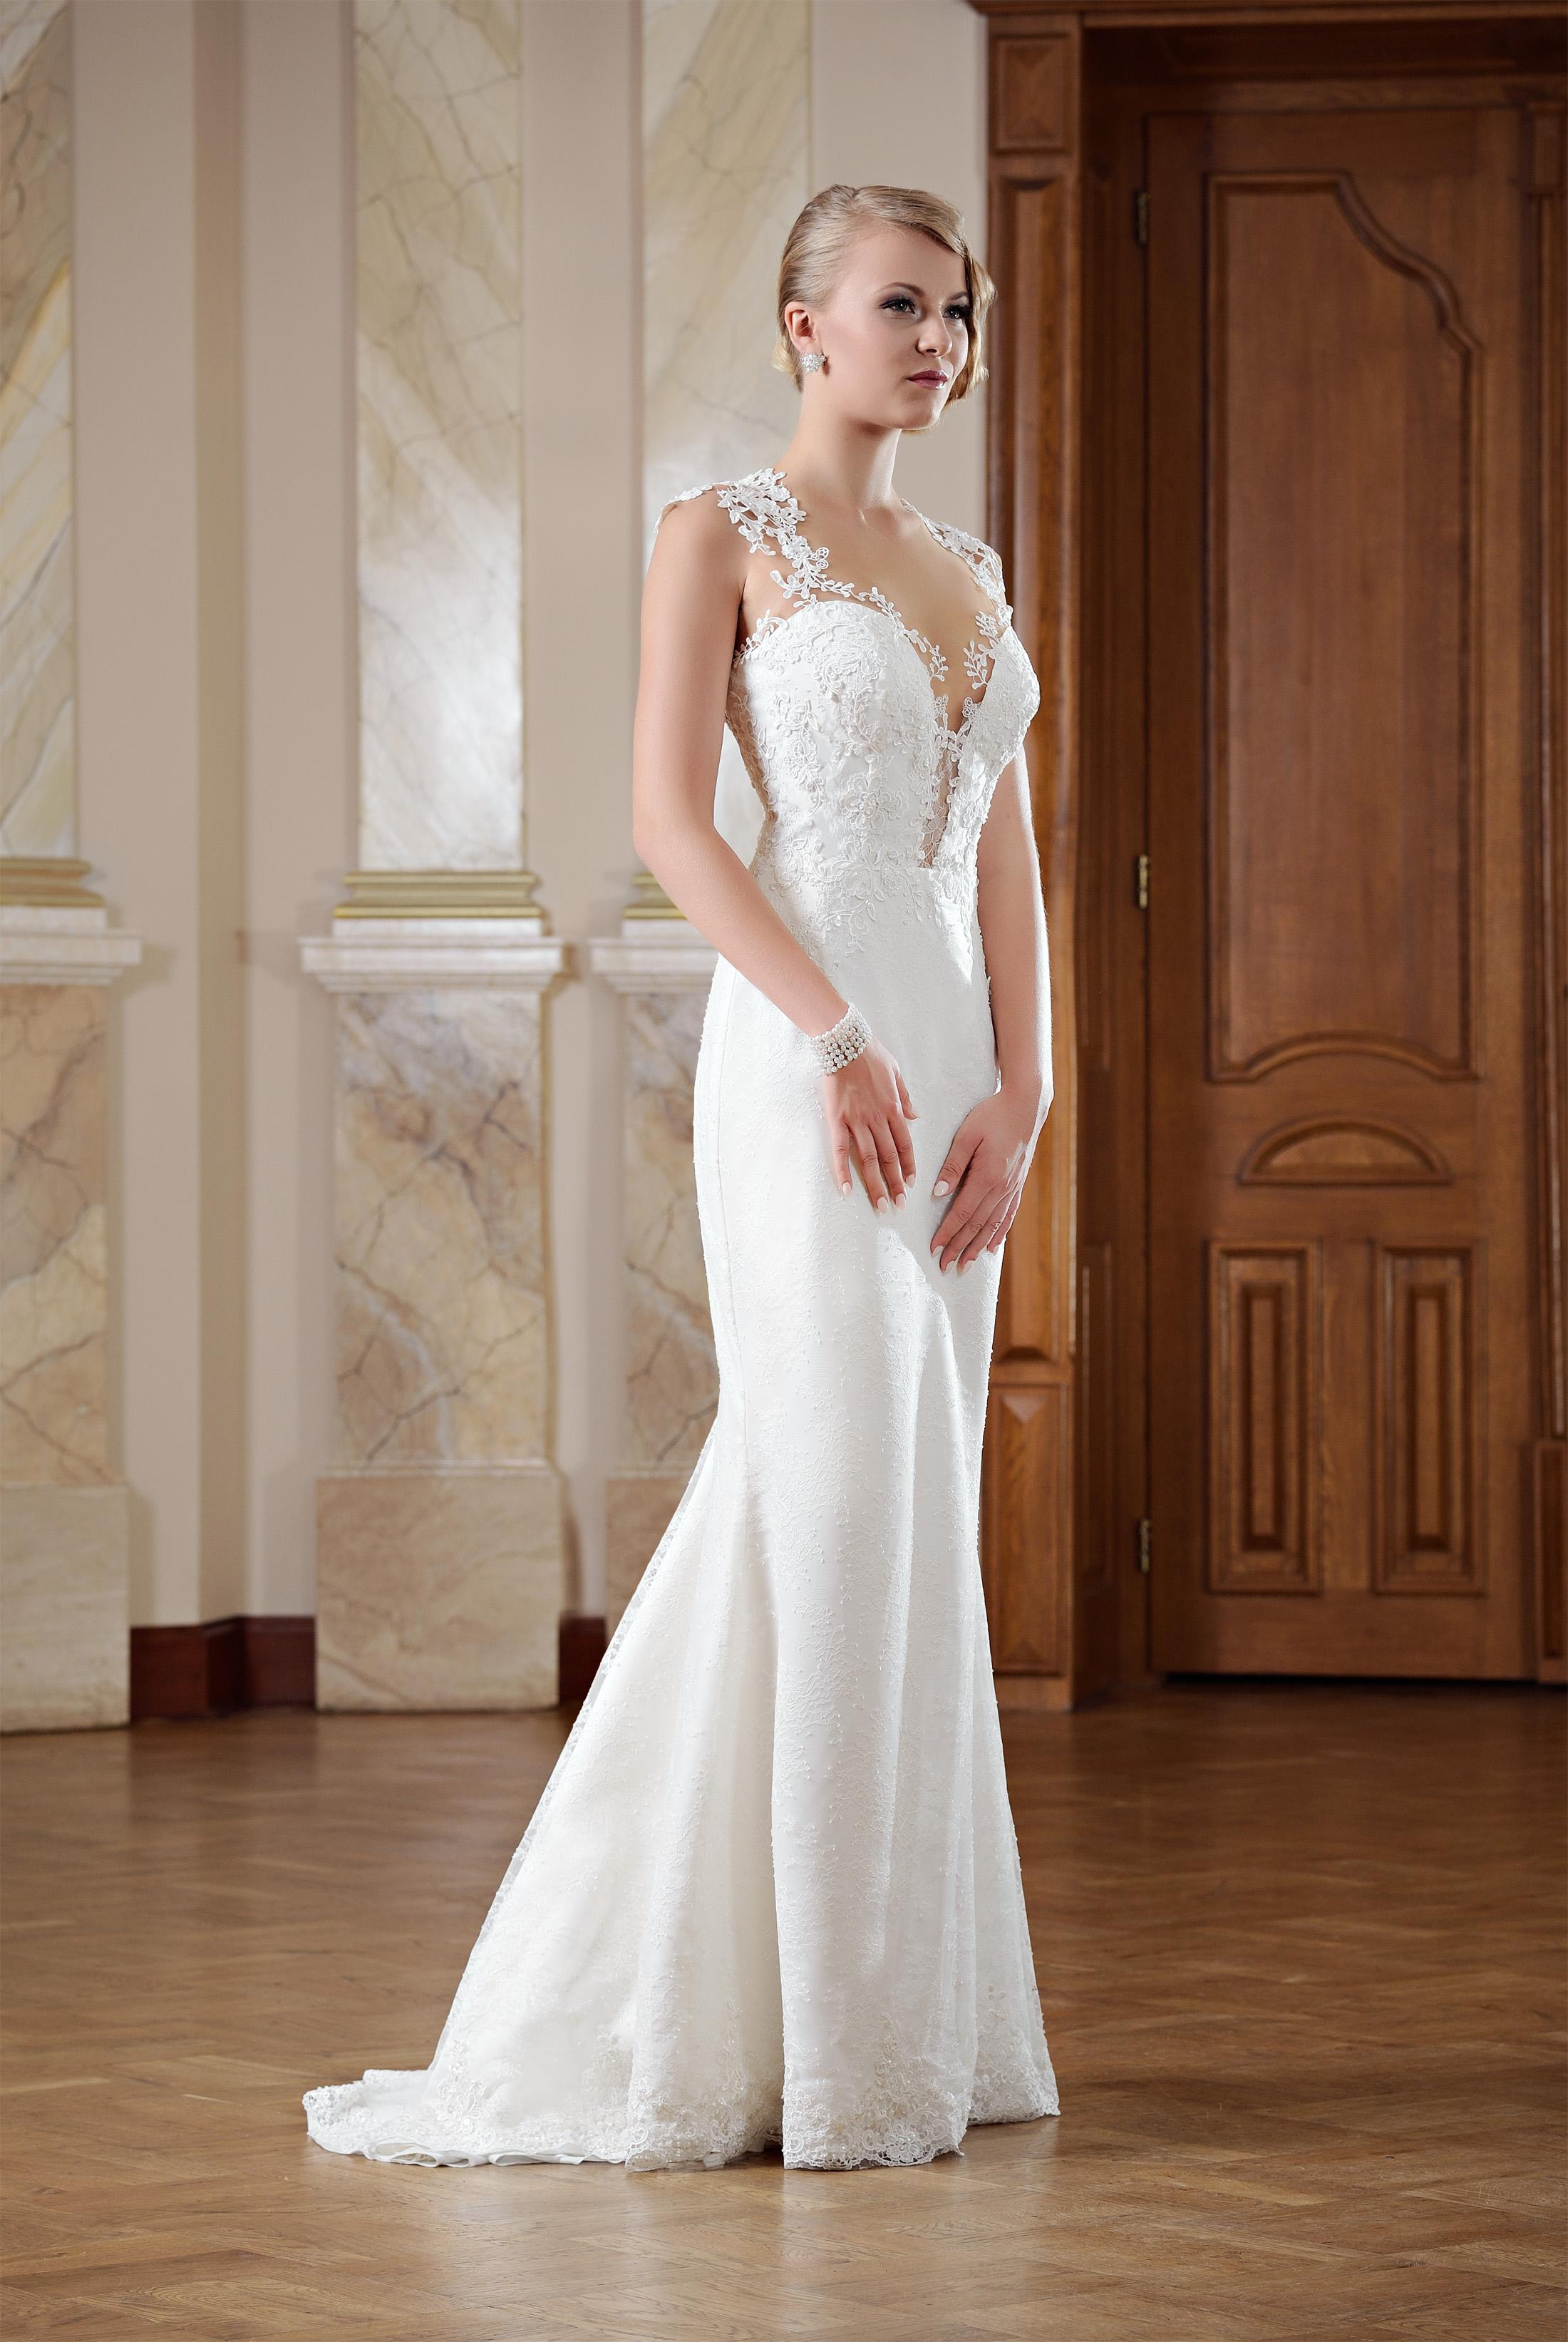 Hochzeitskleid rückenfrei mit langer Schleppe - Kleiderfreuden